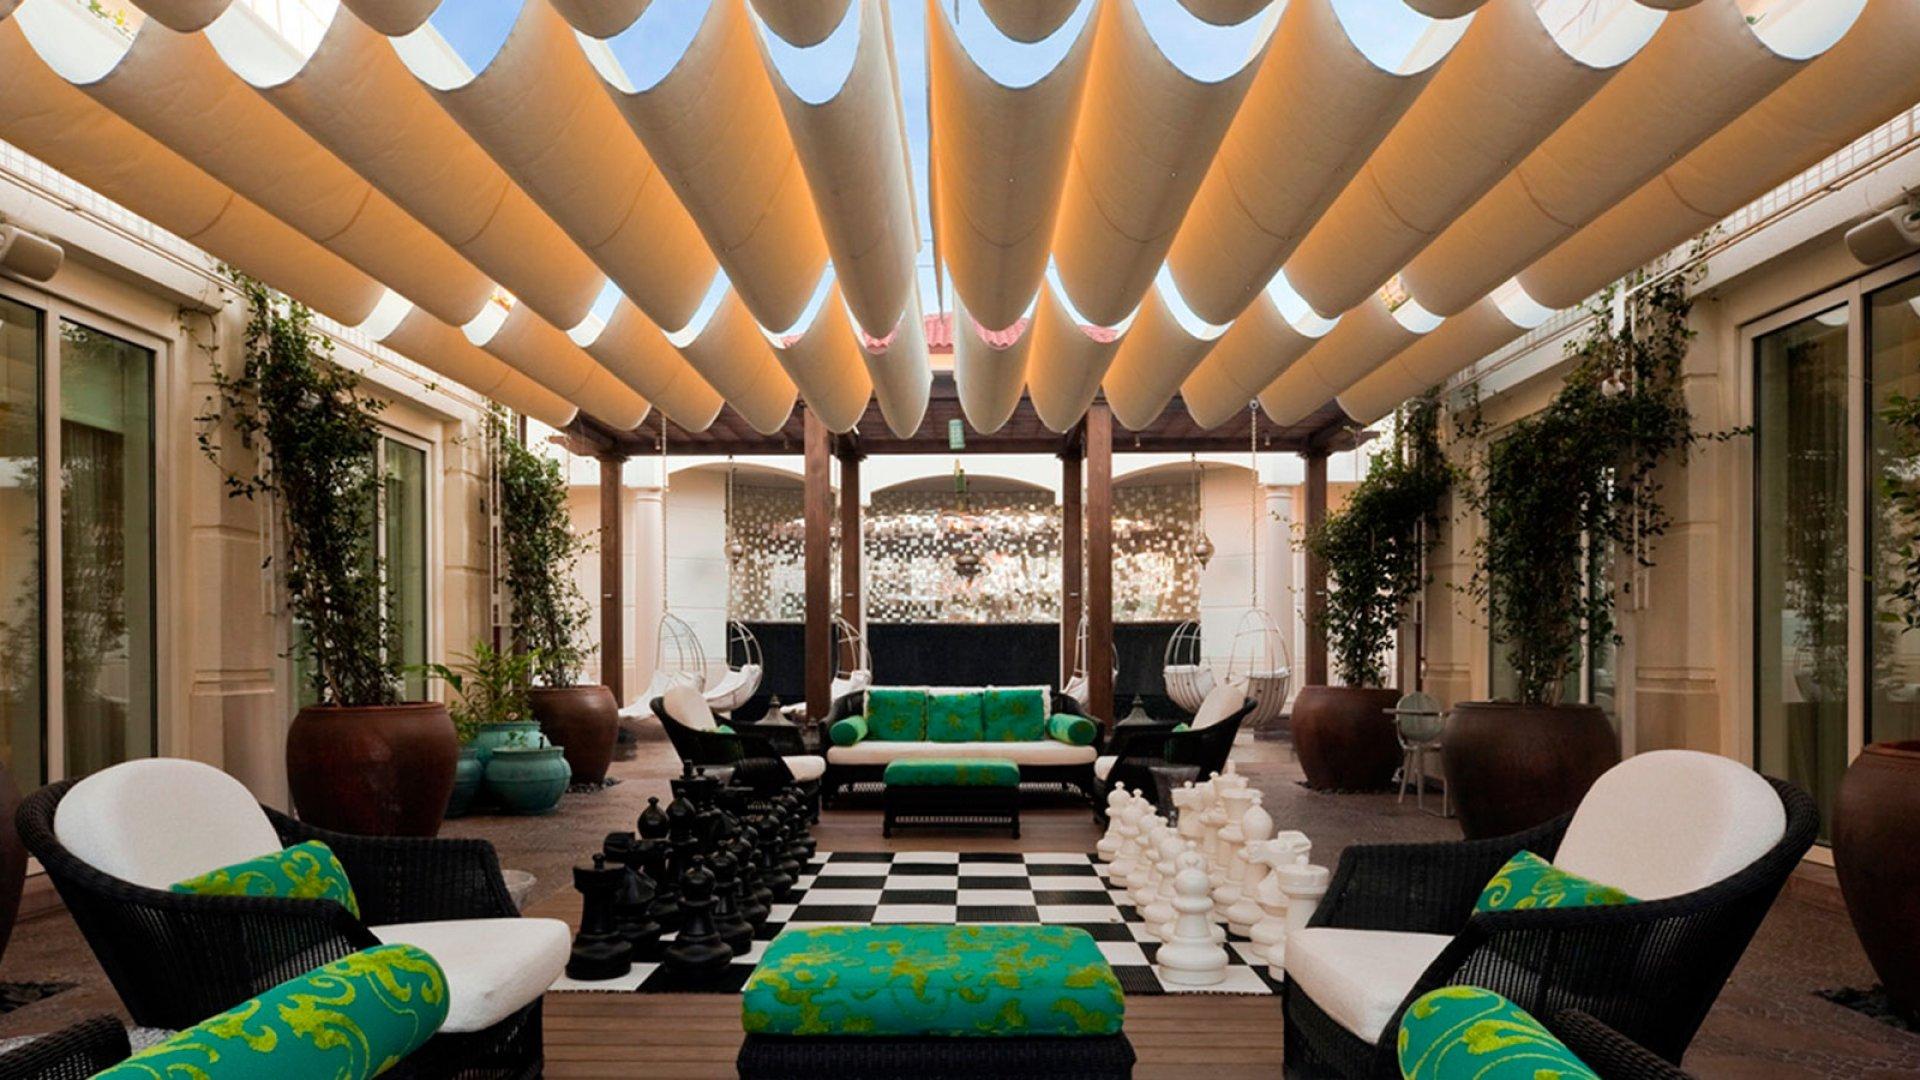 Spa at Eau Palm Beach Resort and Spa, FL.